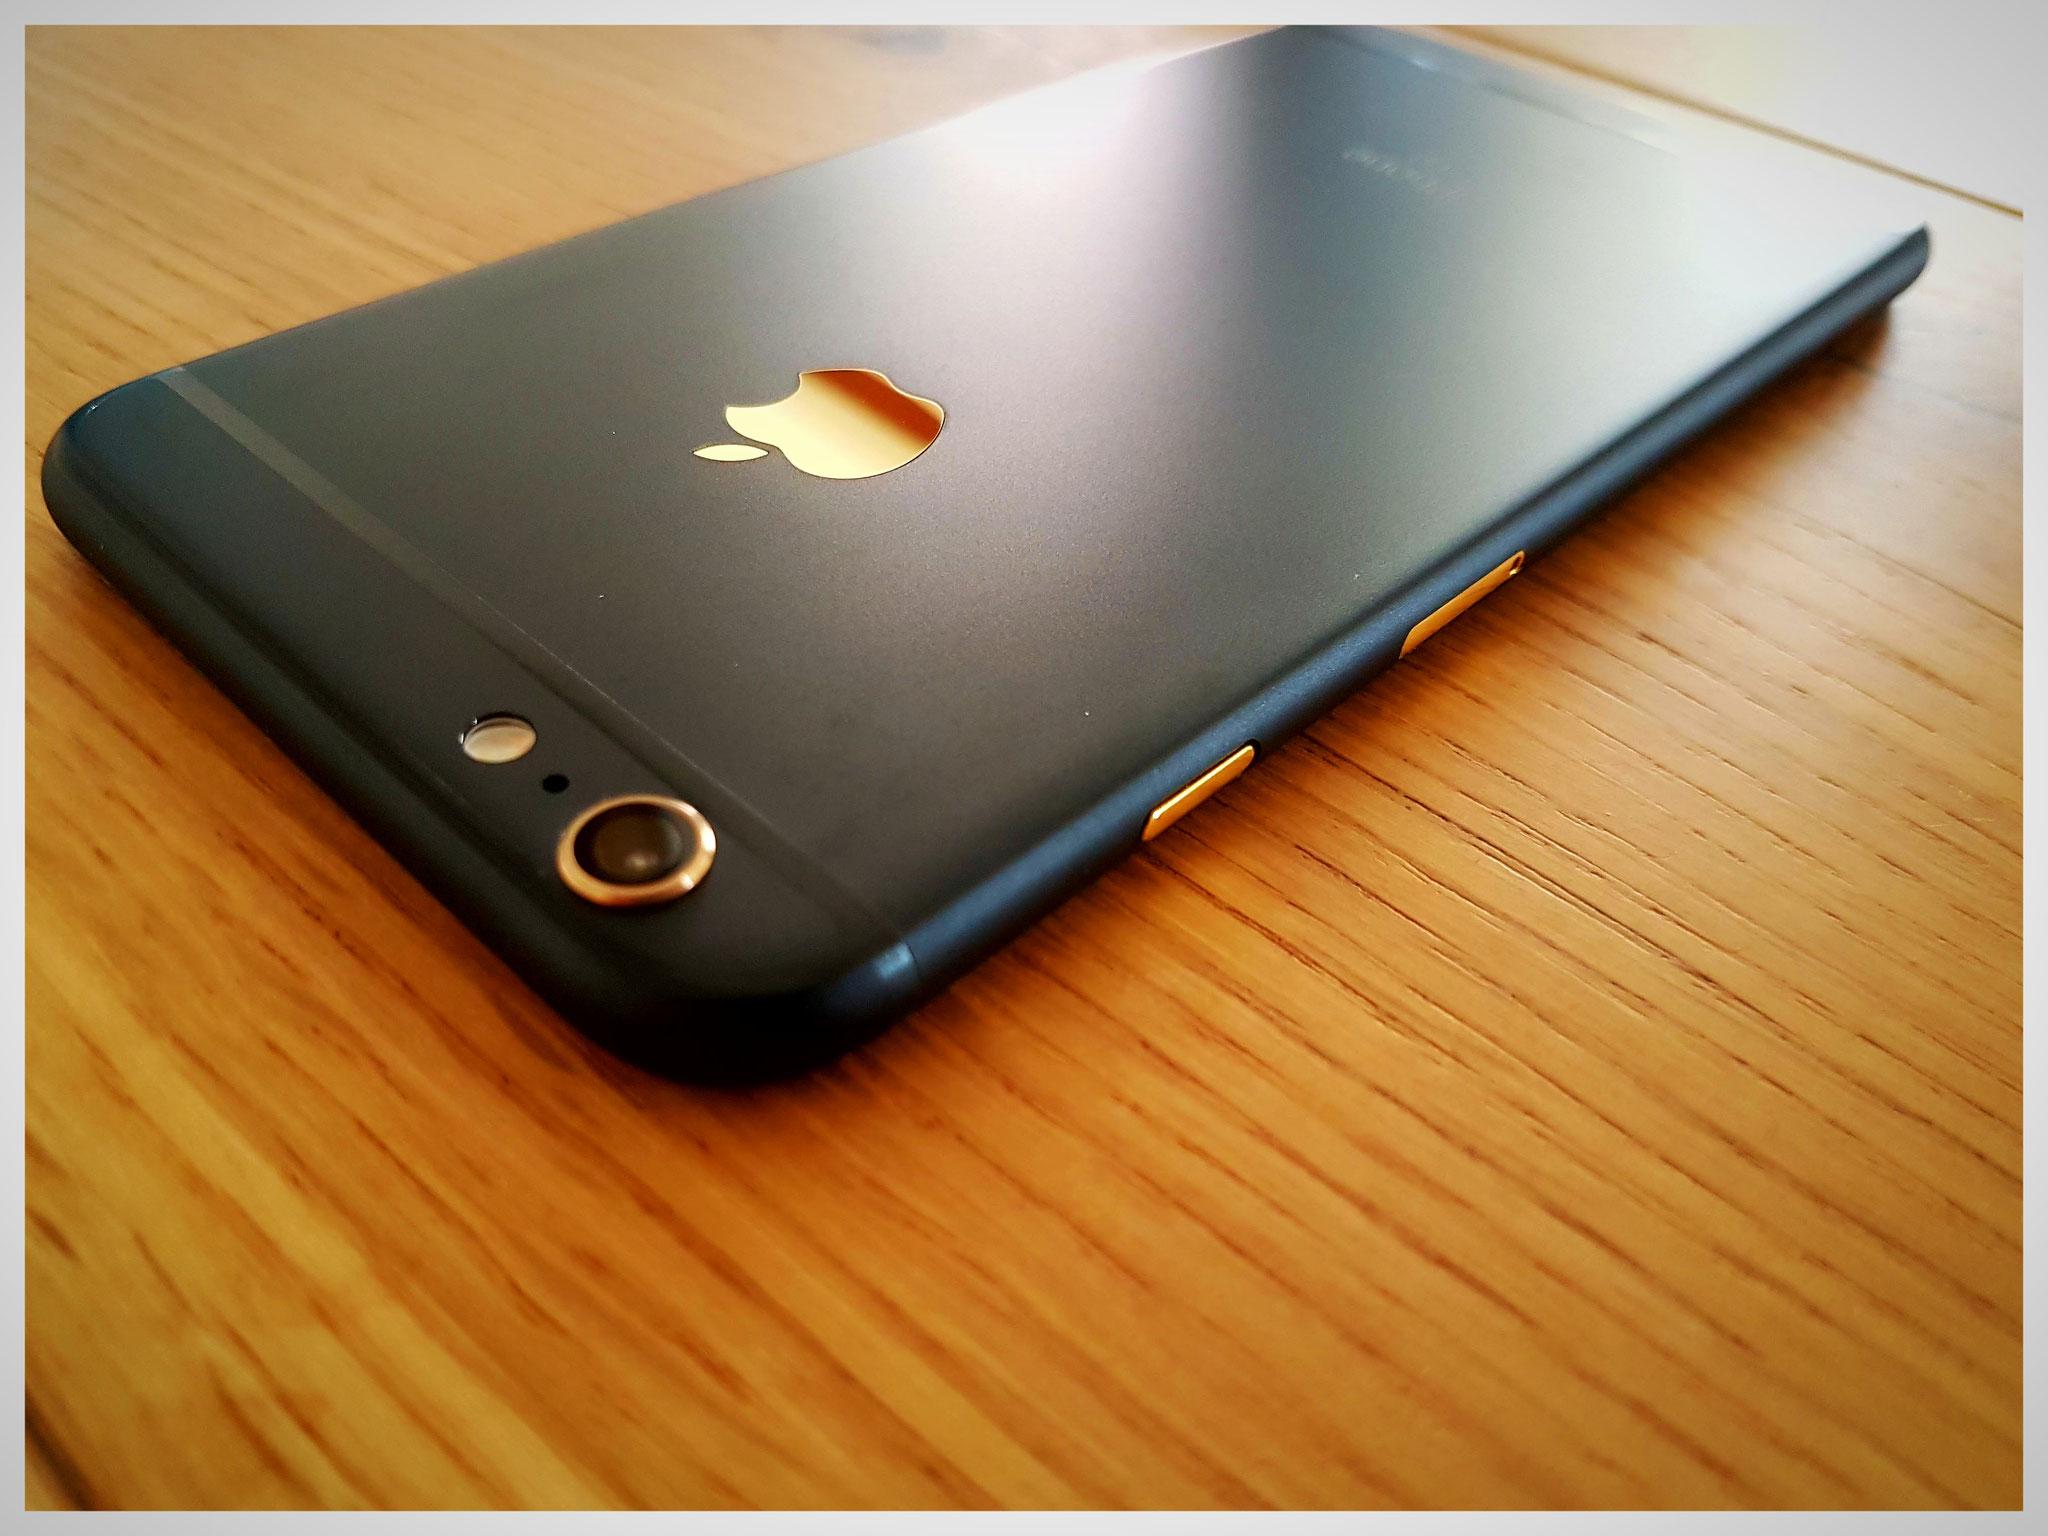 iPhone 6s plus. Ausgangsfarbe: space gray